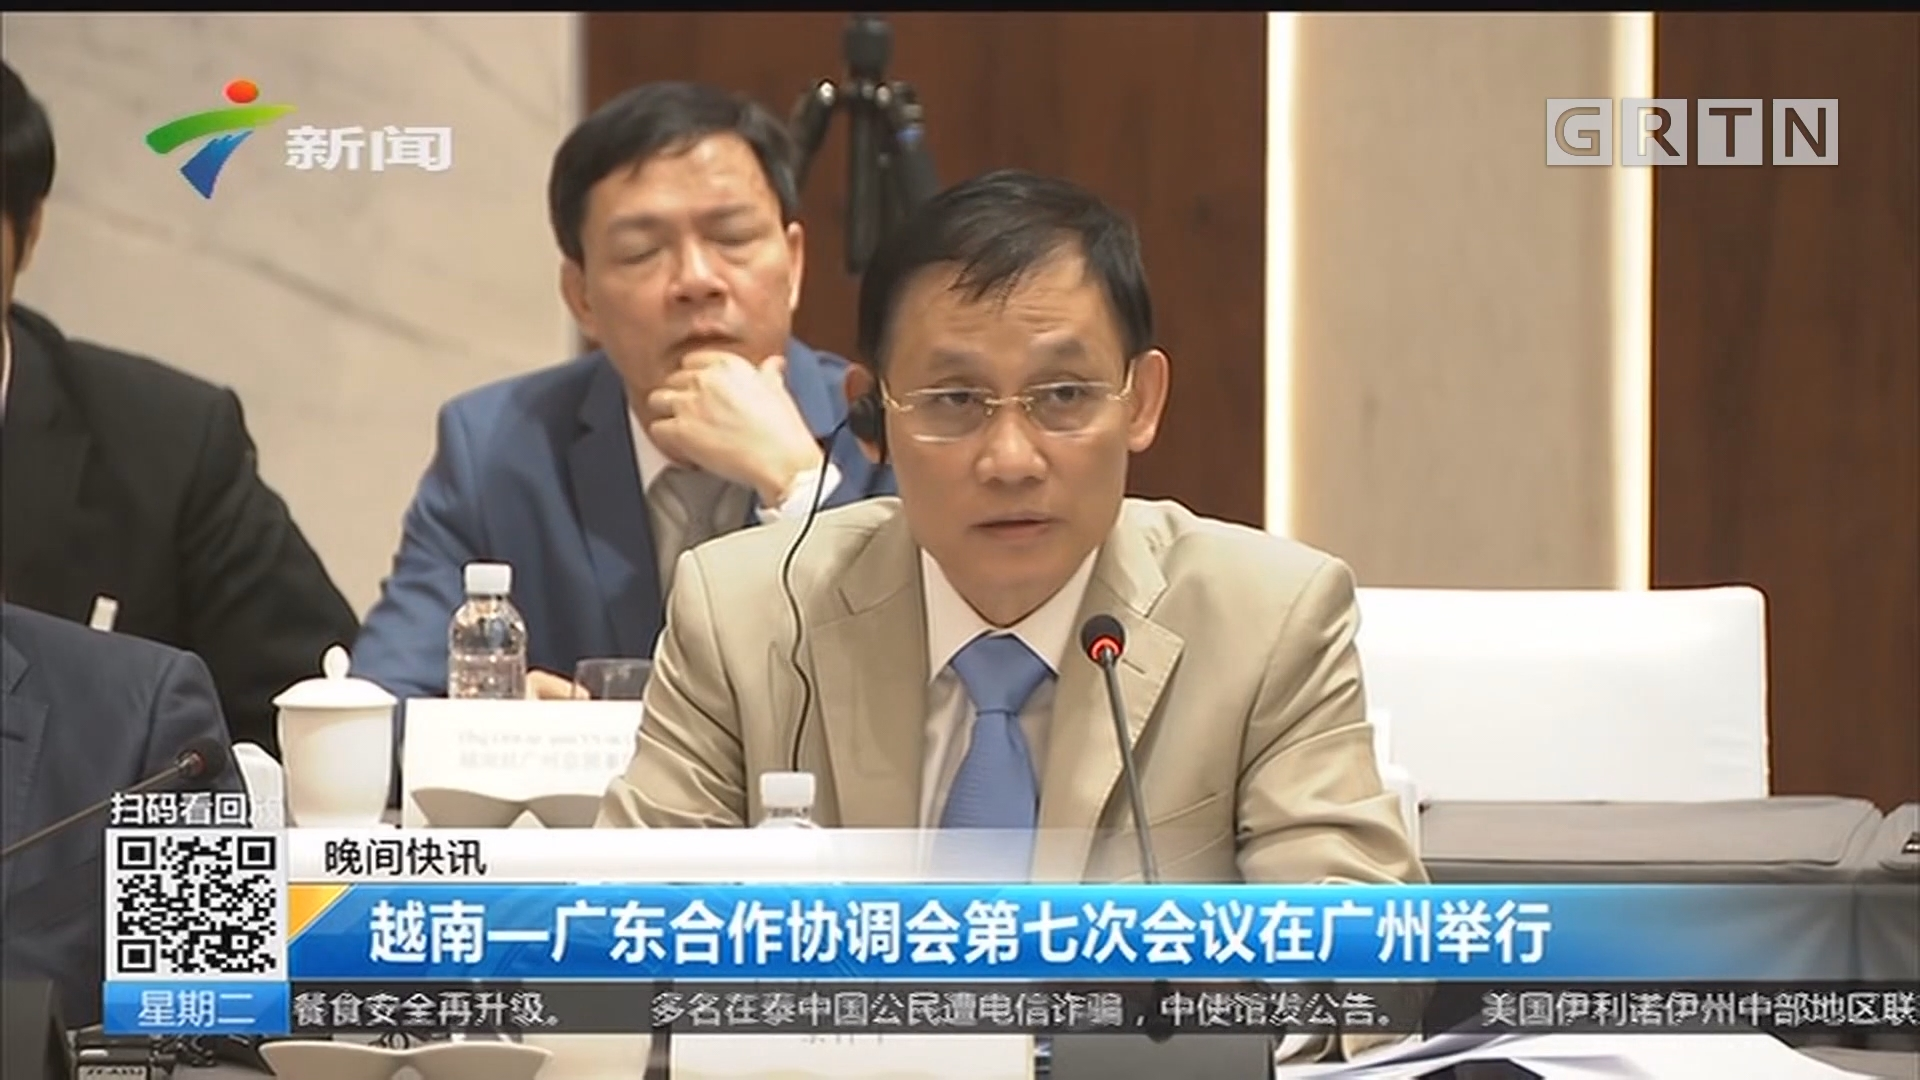 越南—广东合作协调会第七次会议在广州举行